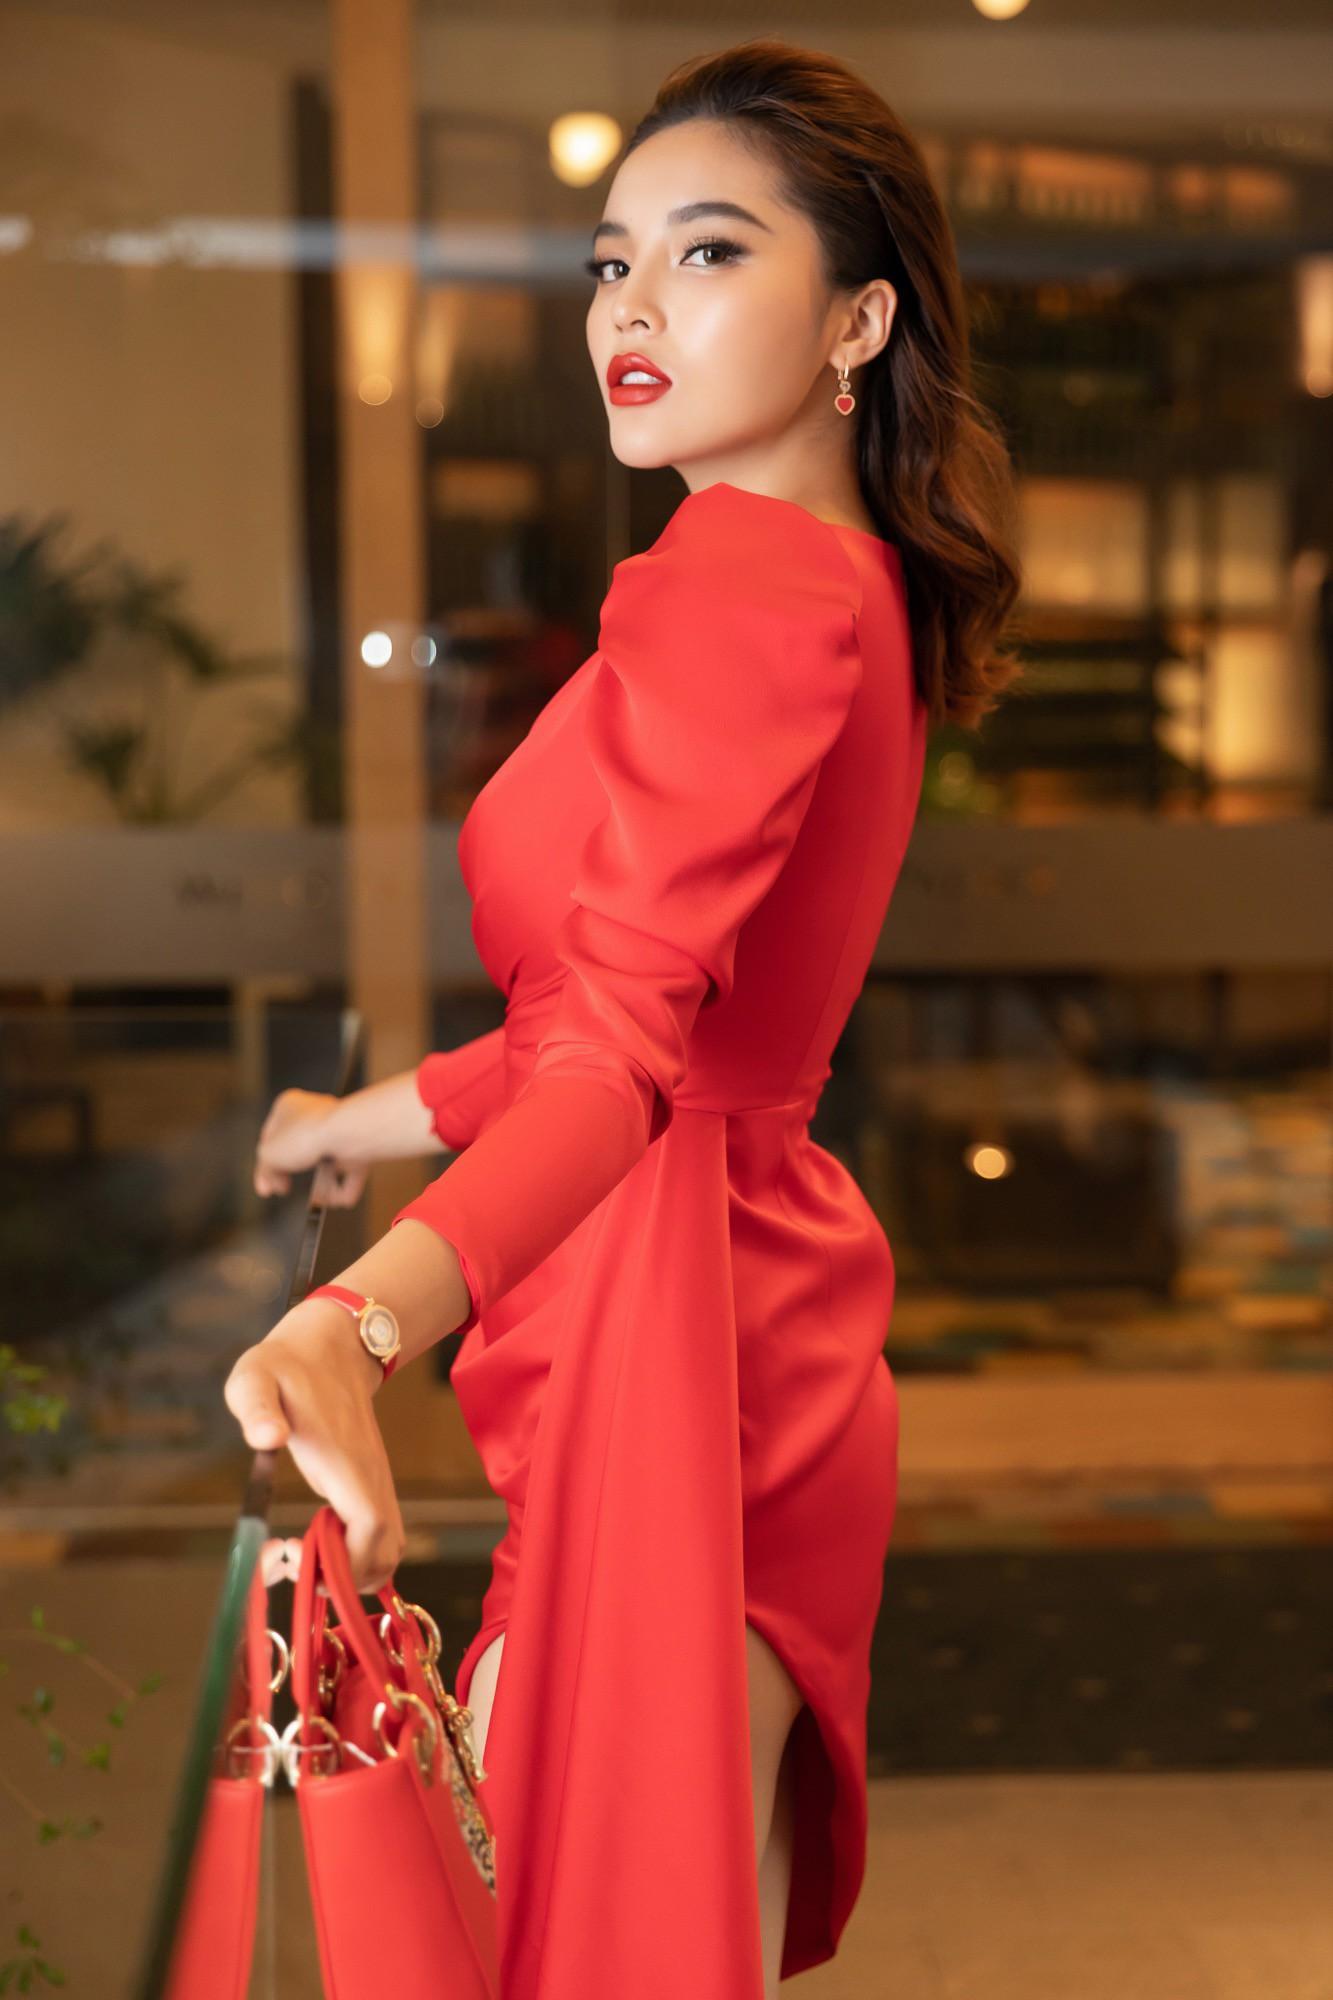 Váy từng phải nới rộng vì siêu vòng 3 của Đỗ Mỹ Linh có chủ nhân mới-3